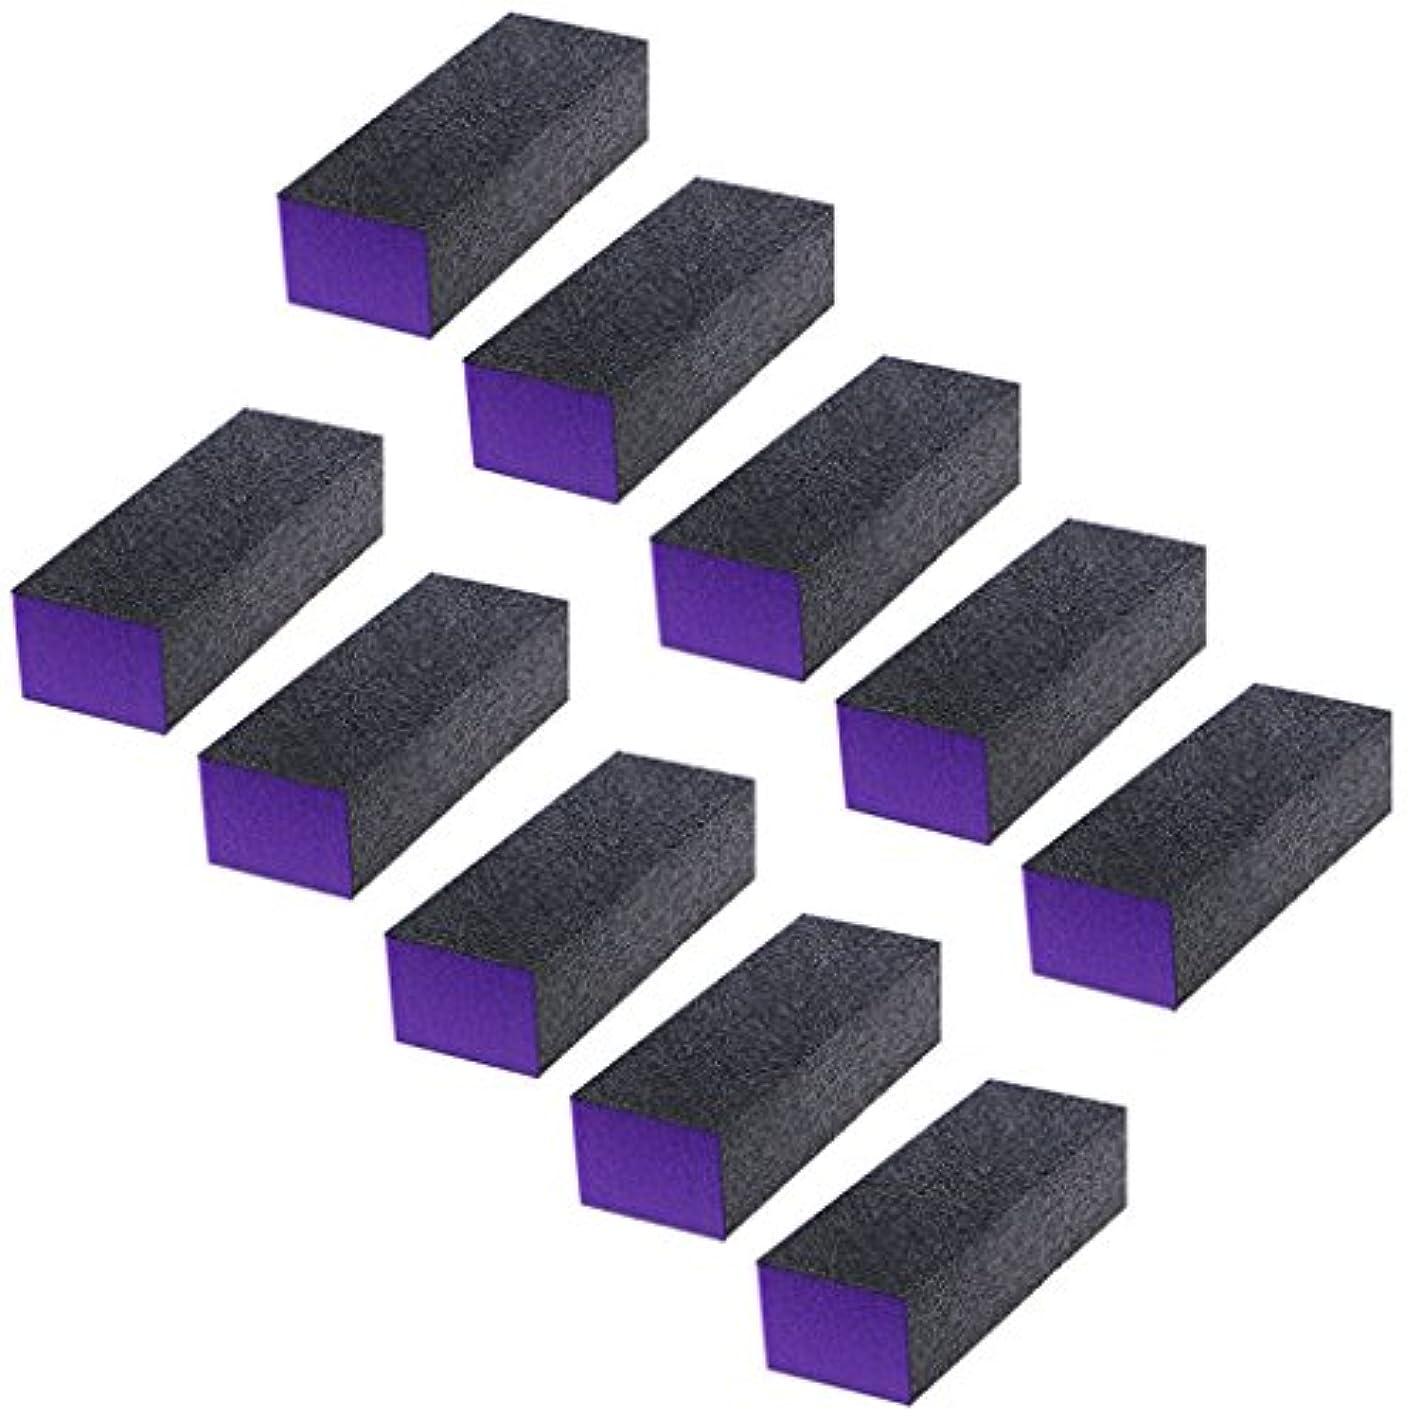 へこみ中絶酔っ払いSharring 10個黒紫アップロードバフ研磨サンディングブロックファイルグリットネイルアートツールセット [並行輸入品]